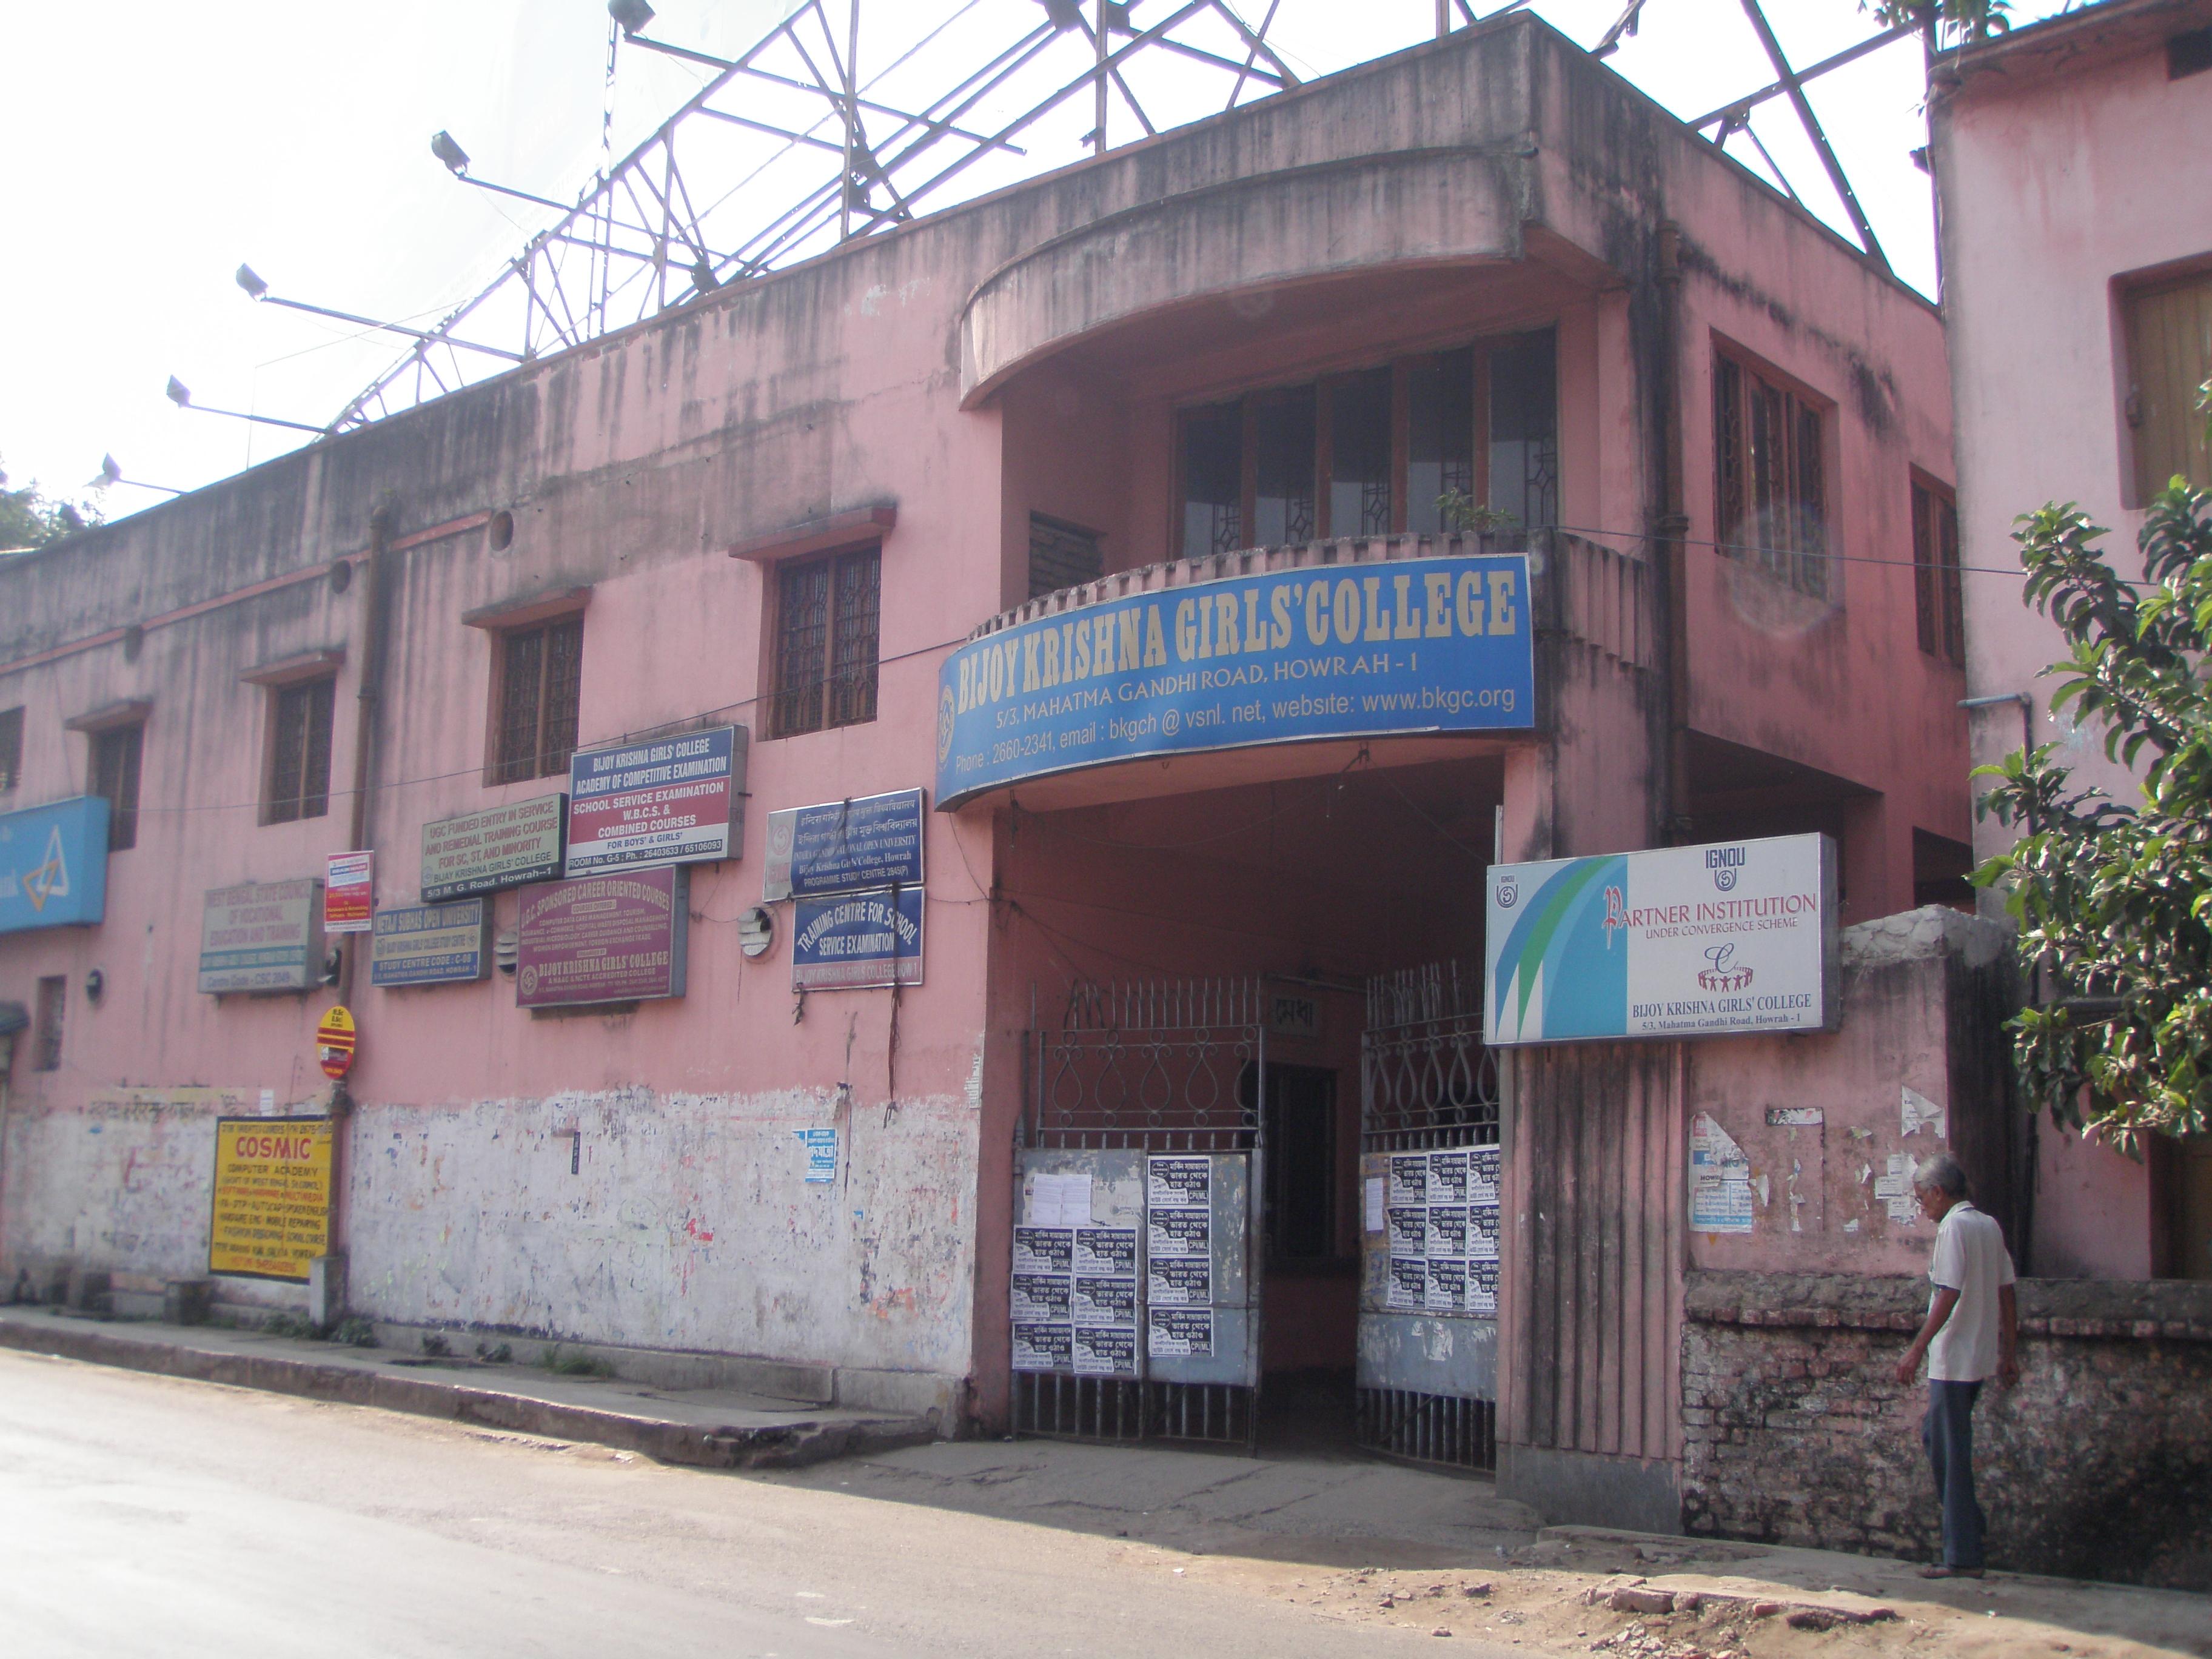 Bijoy Krishna Girls College Wikipedia